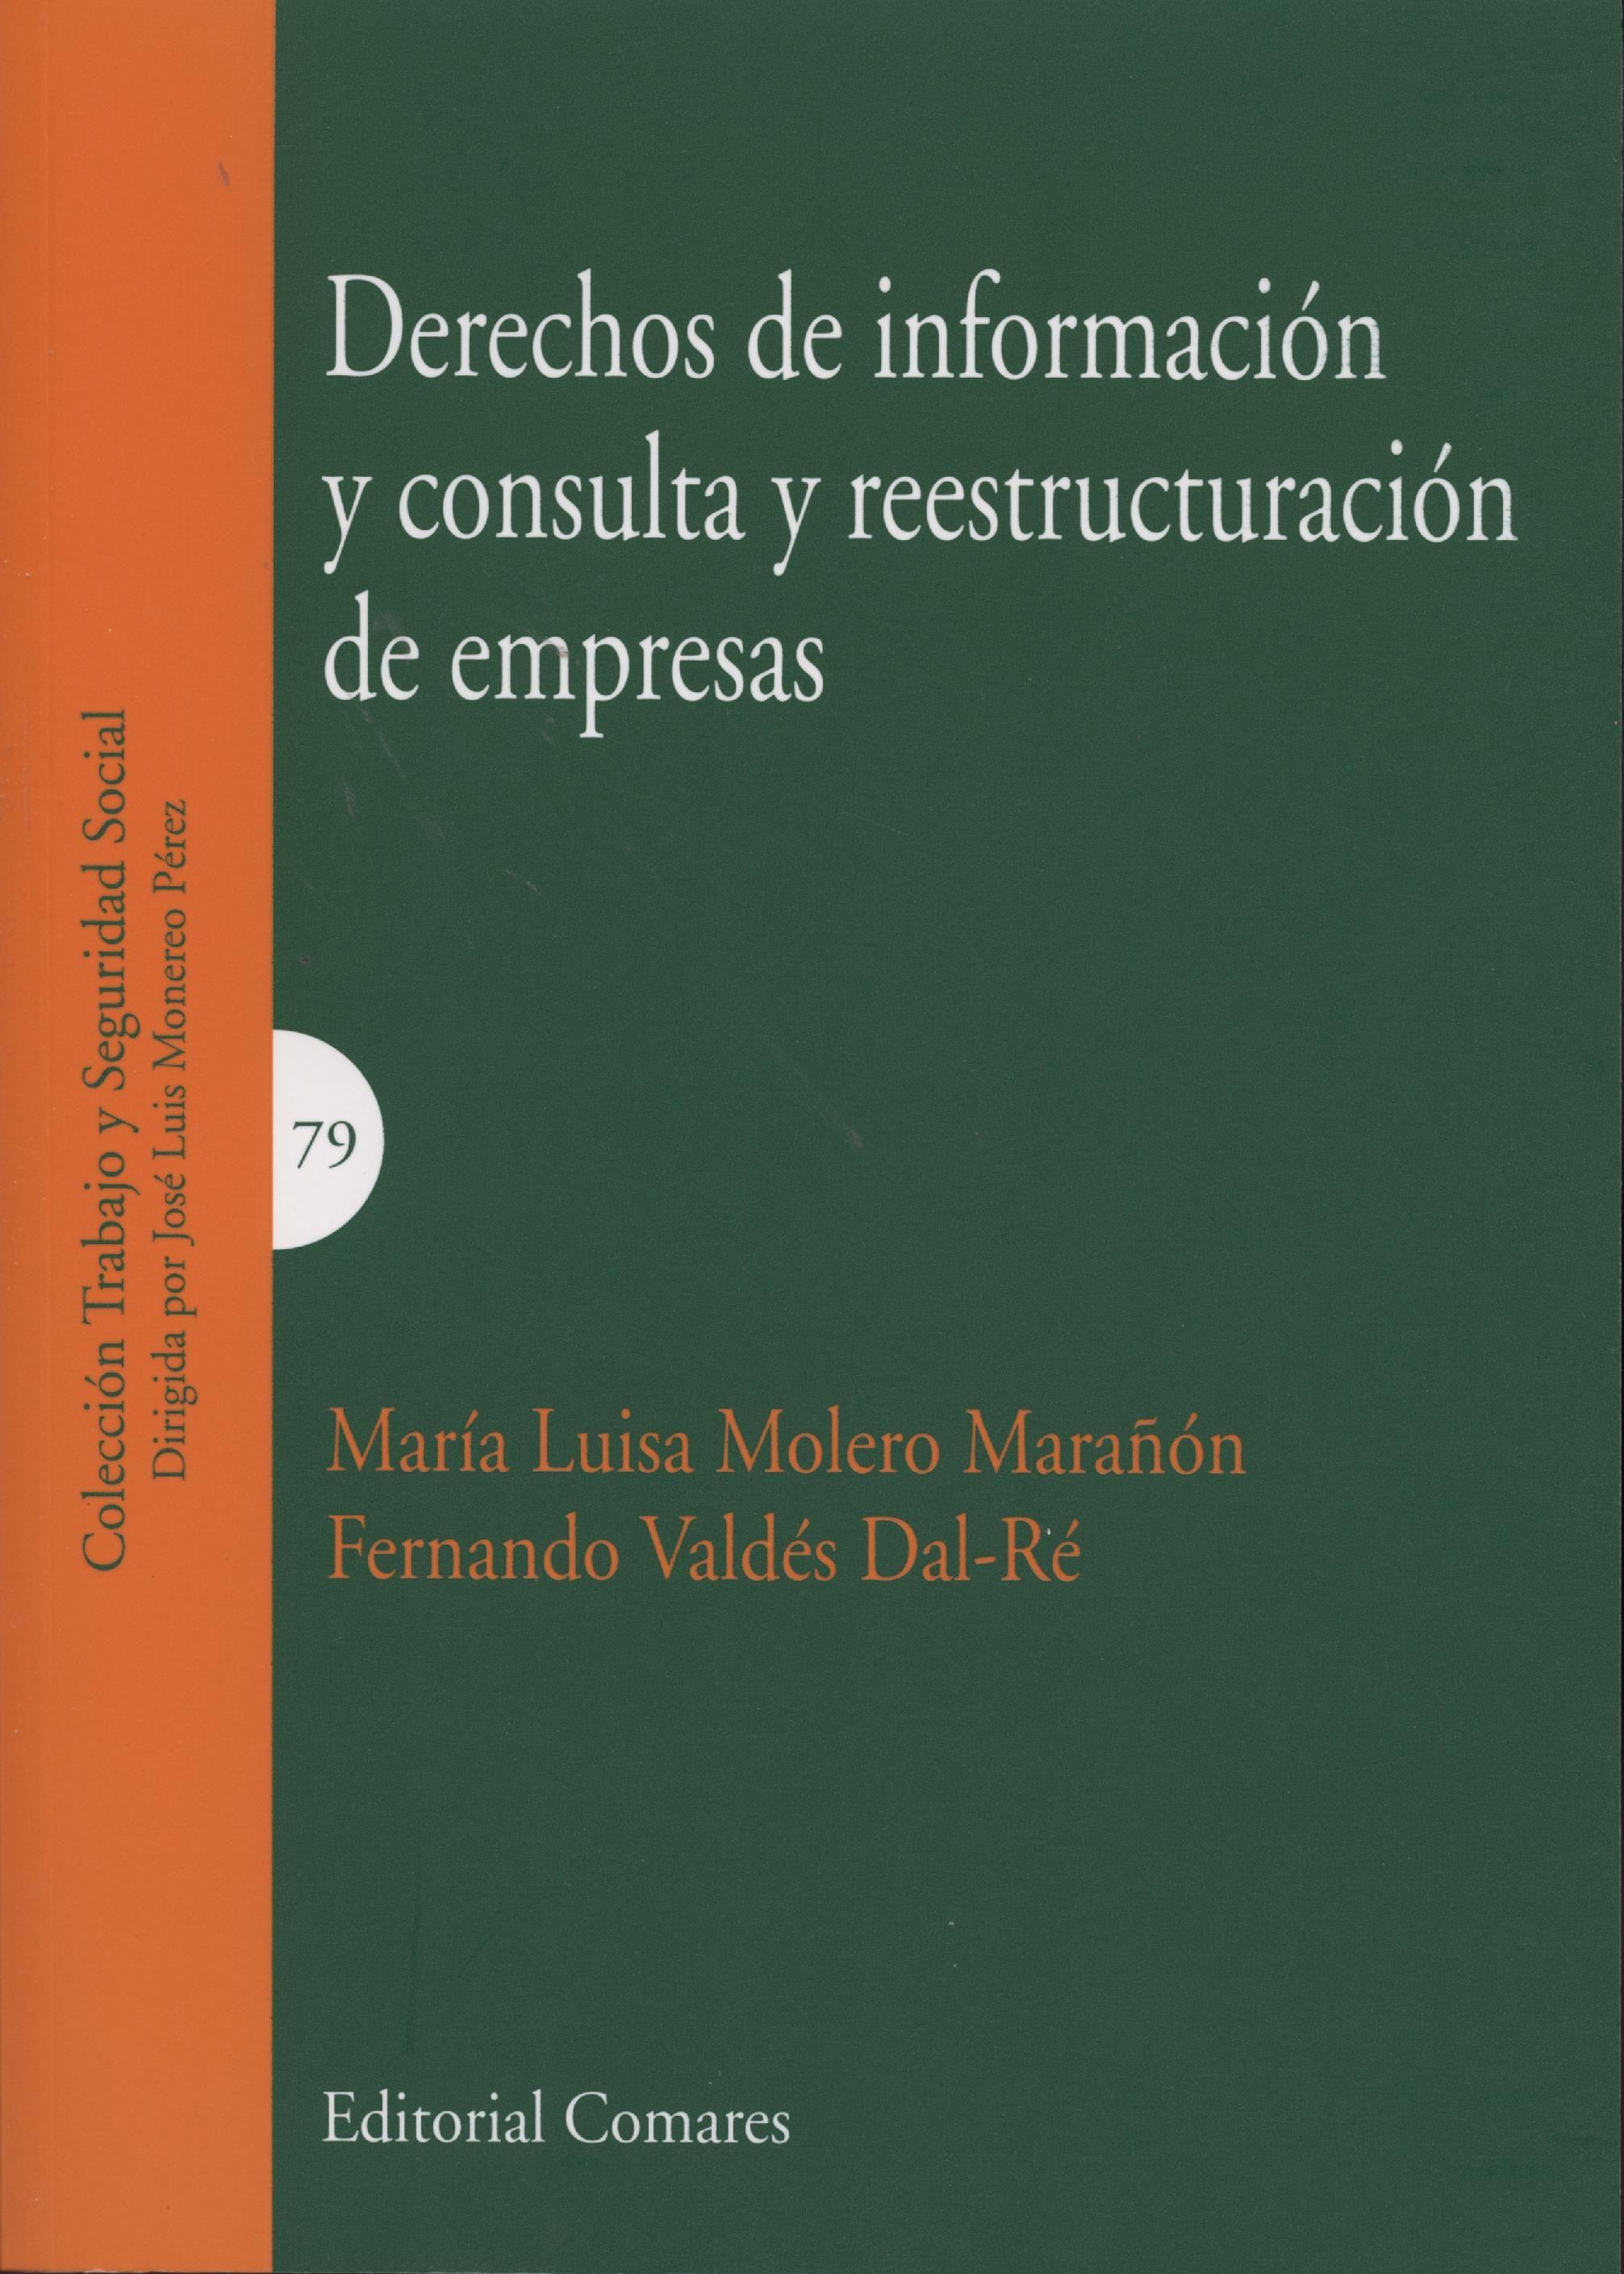 Derechos de información y consulta y reestructuración de empresas / María Luisa Molero Marañón, Fernando Valdés Dal-Ré